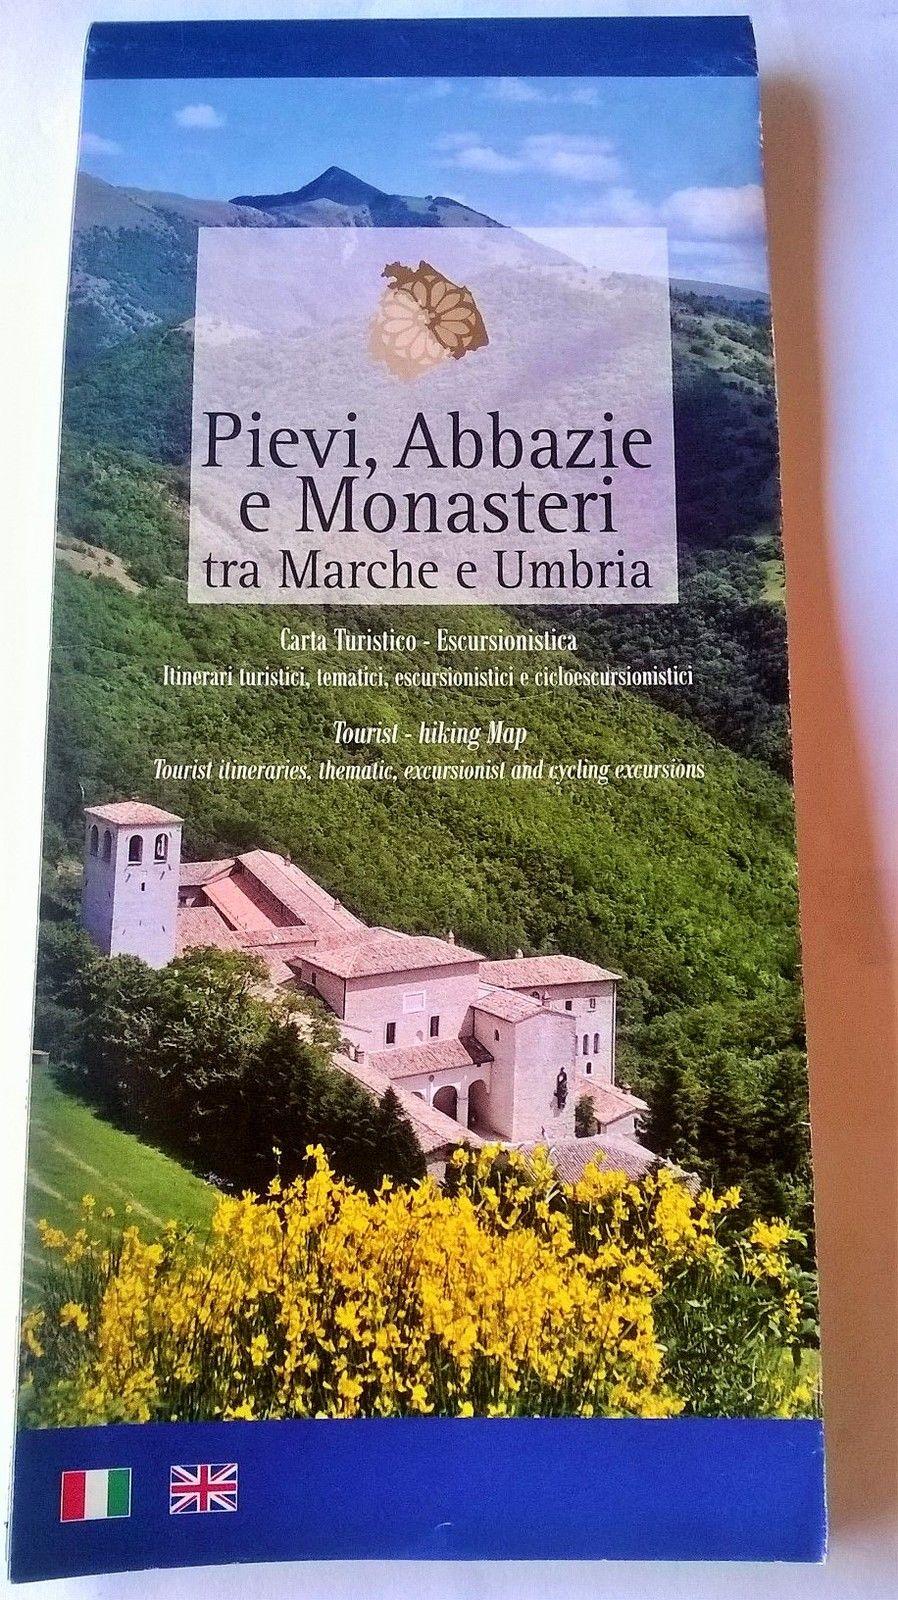 Pievi, abbazie e monasteri tra Marche ed Umbria